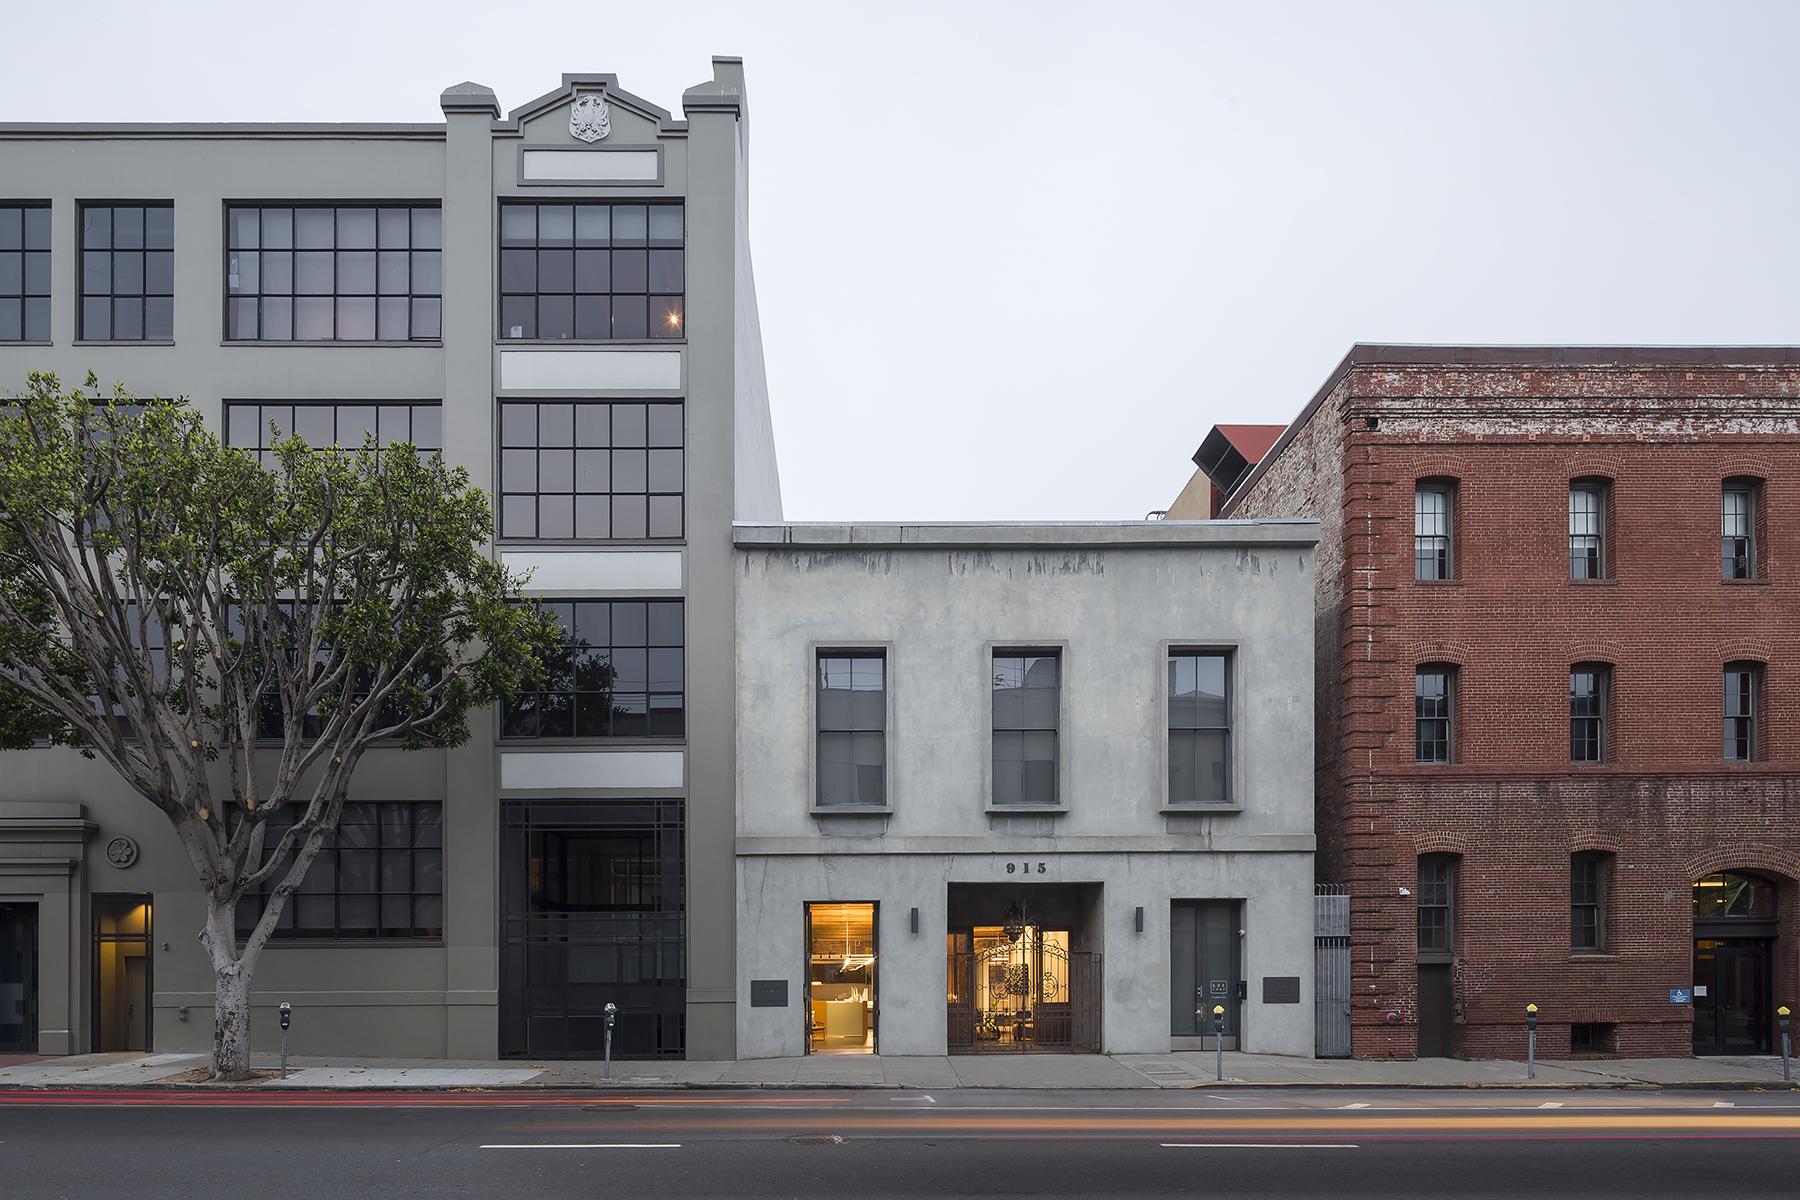 Está localizado em São Francisco, EUA